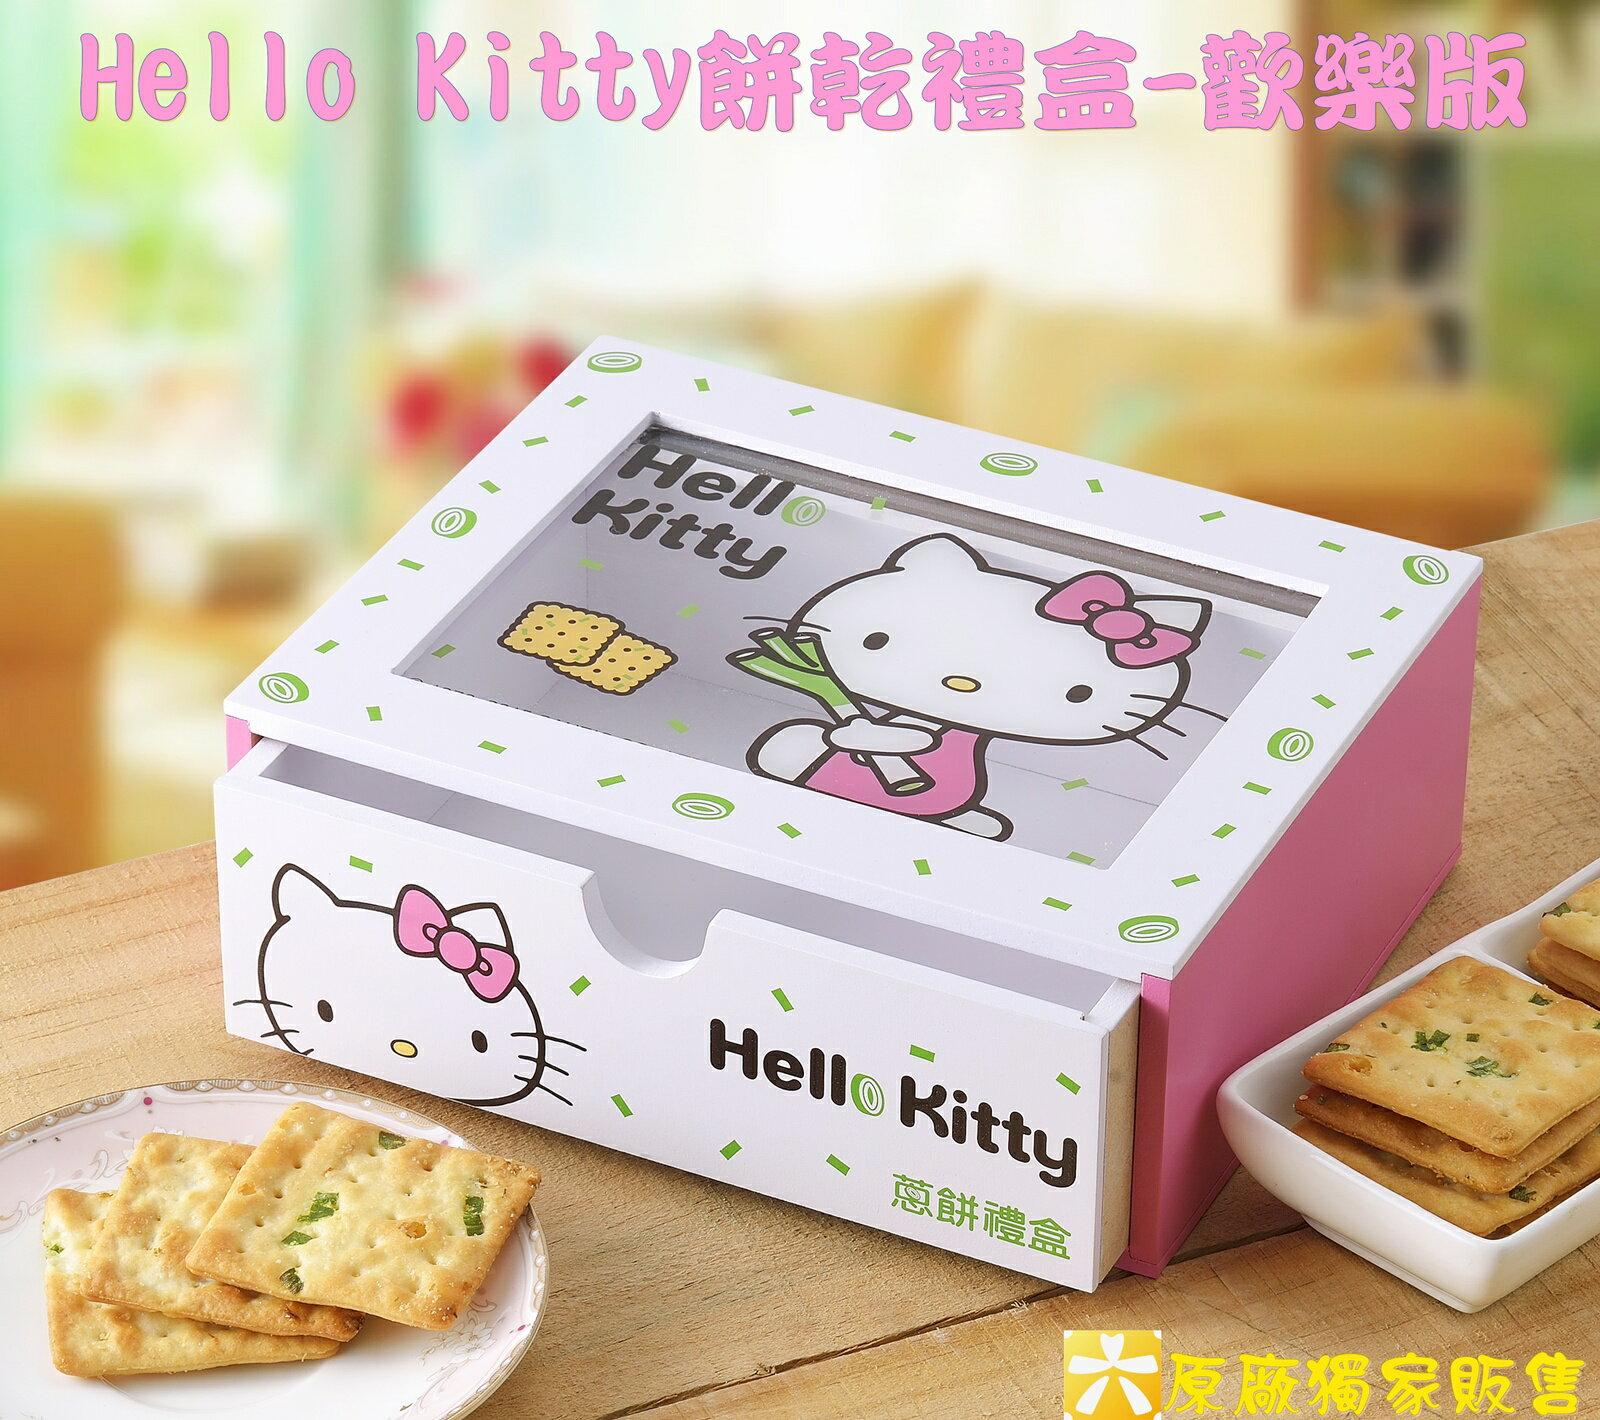 Hello Kitty 凱蒂貓 蔥餅禮盒-幸福版 粉紅木盒 禮盒 原廠獨家生產販售